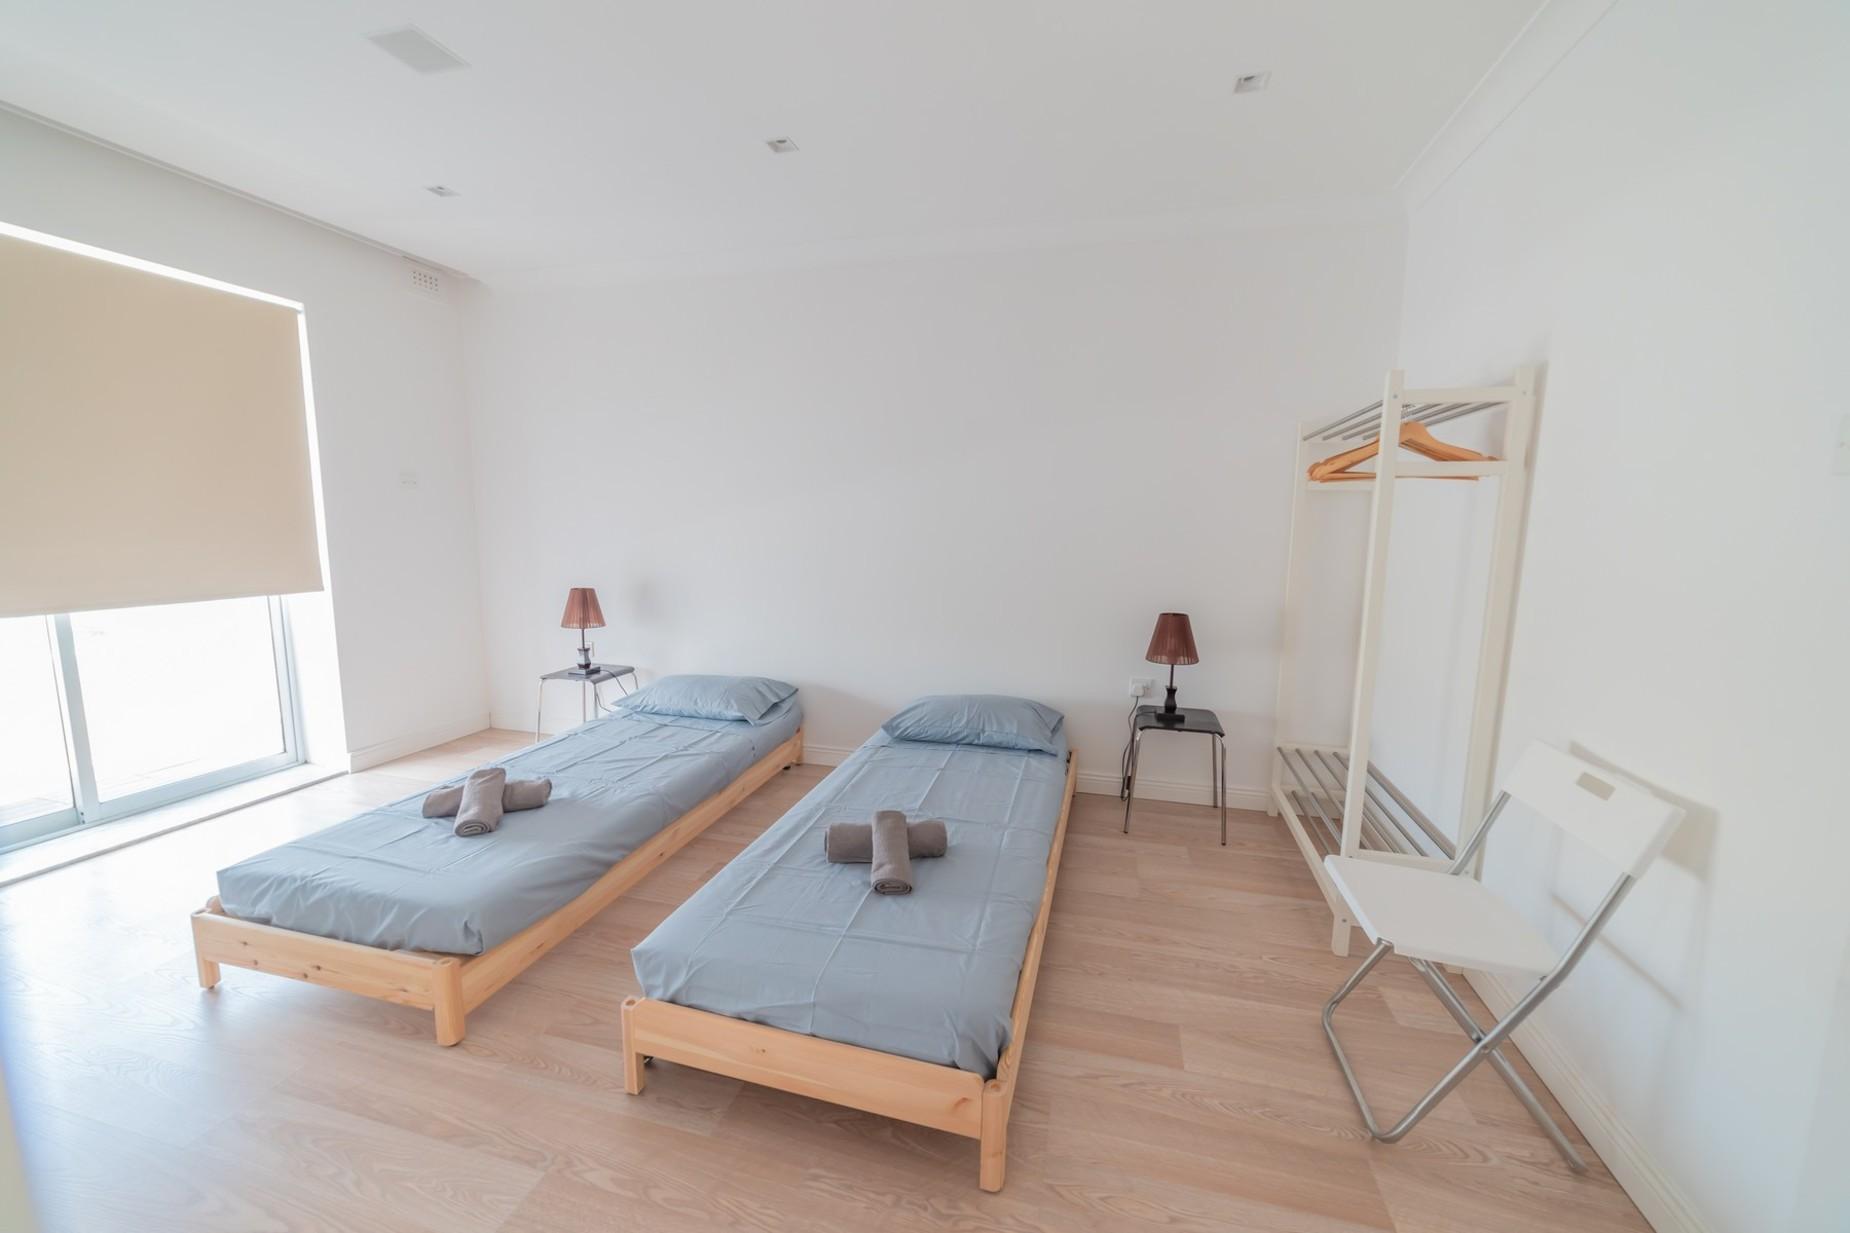 3 bed Apartment For Rent in Pieta, Pieta - thumb 19